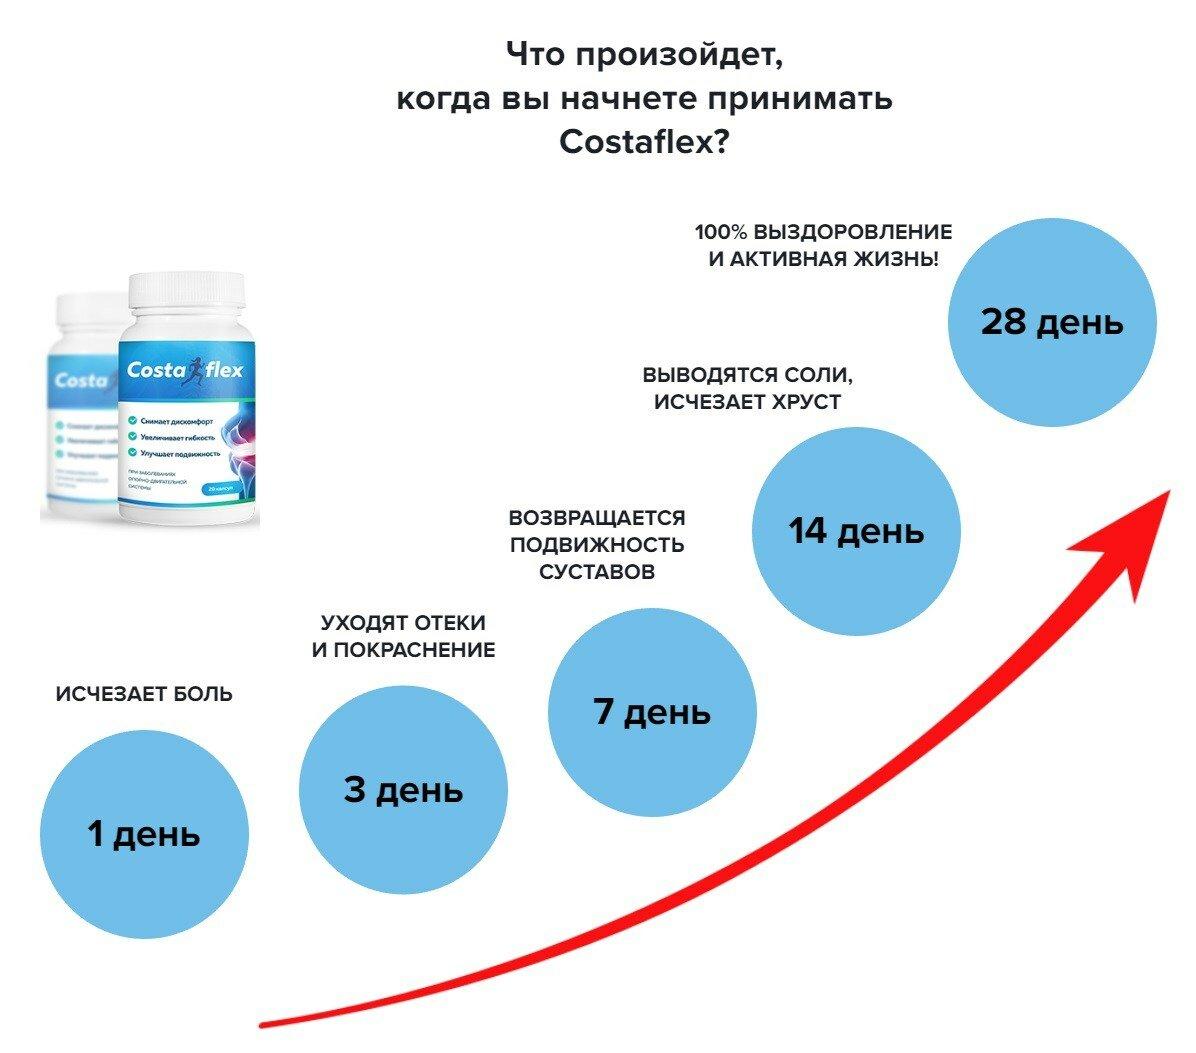 Costaflex - для суставов в Смоленске